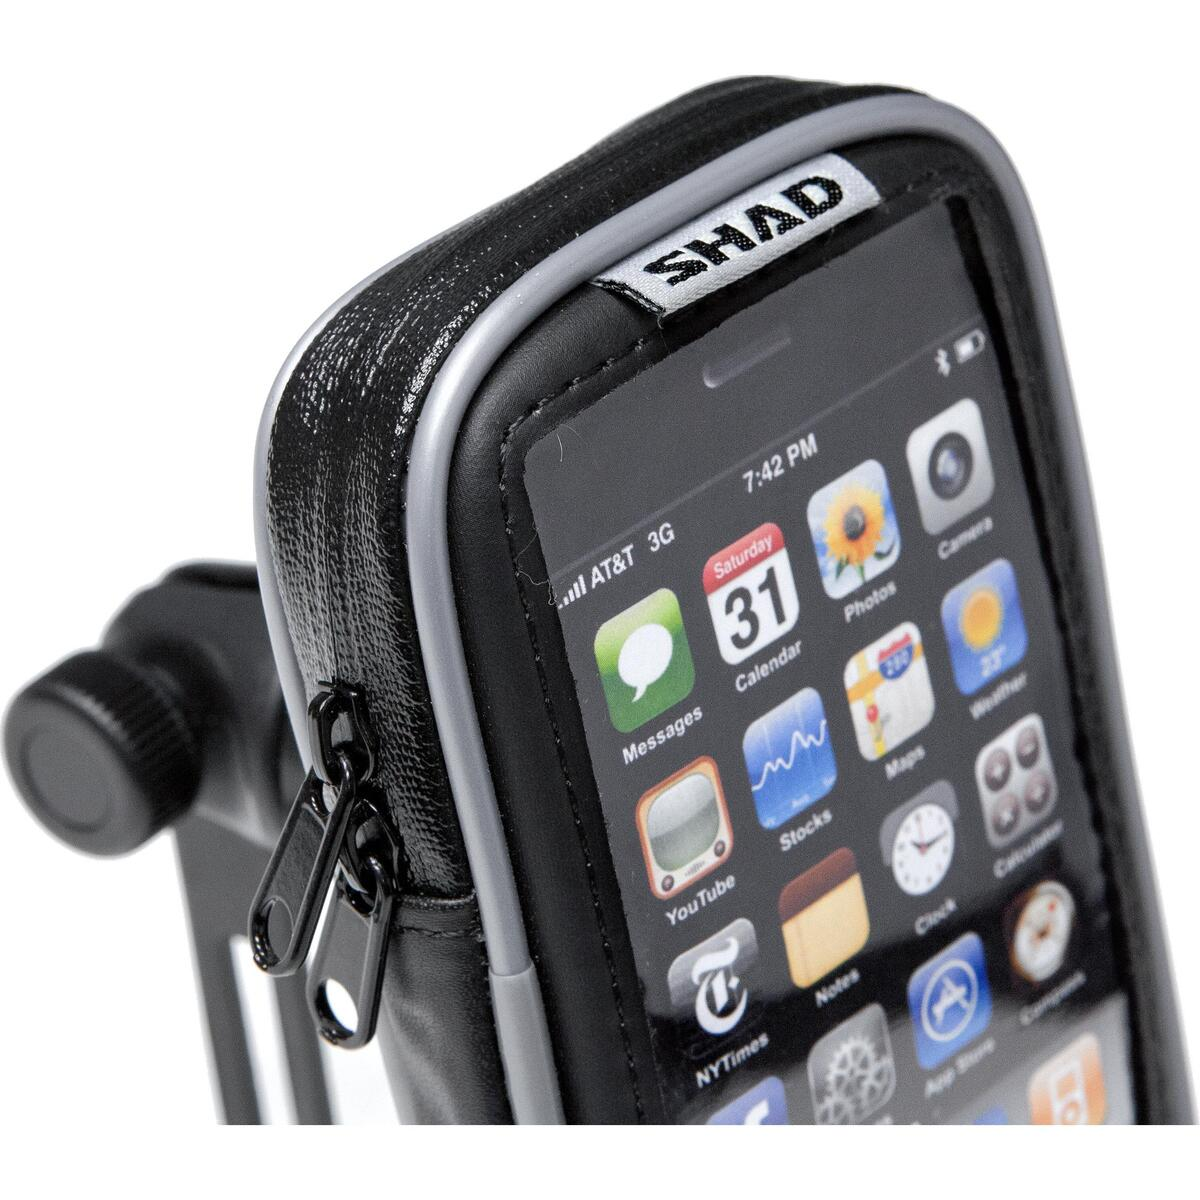 Bild 2 von SHAD Smartphone Tasche für Lenkerspiegel SG20M 3,8 Zoll